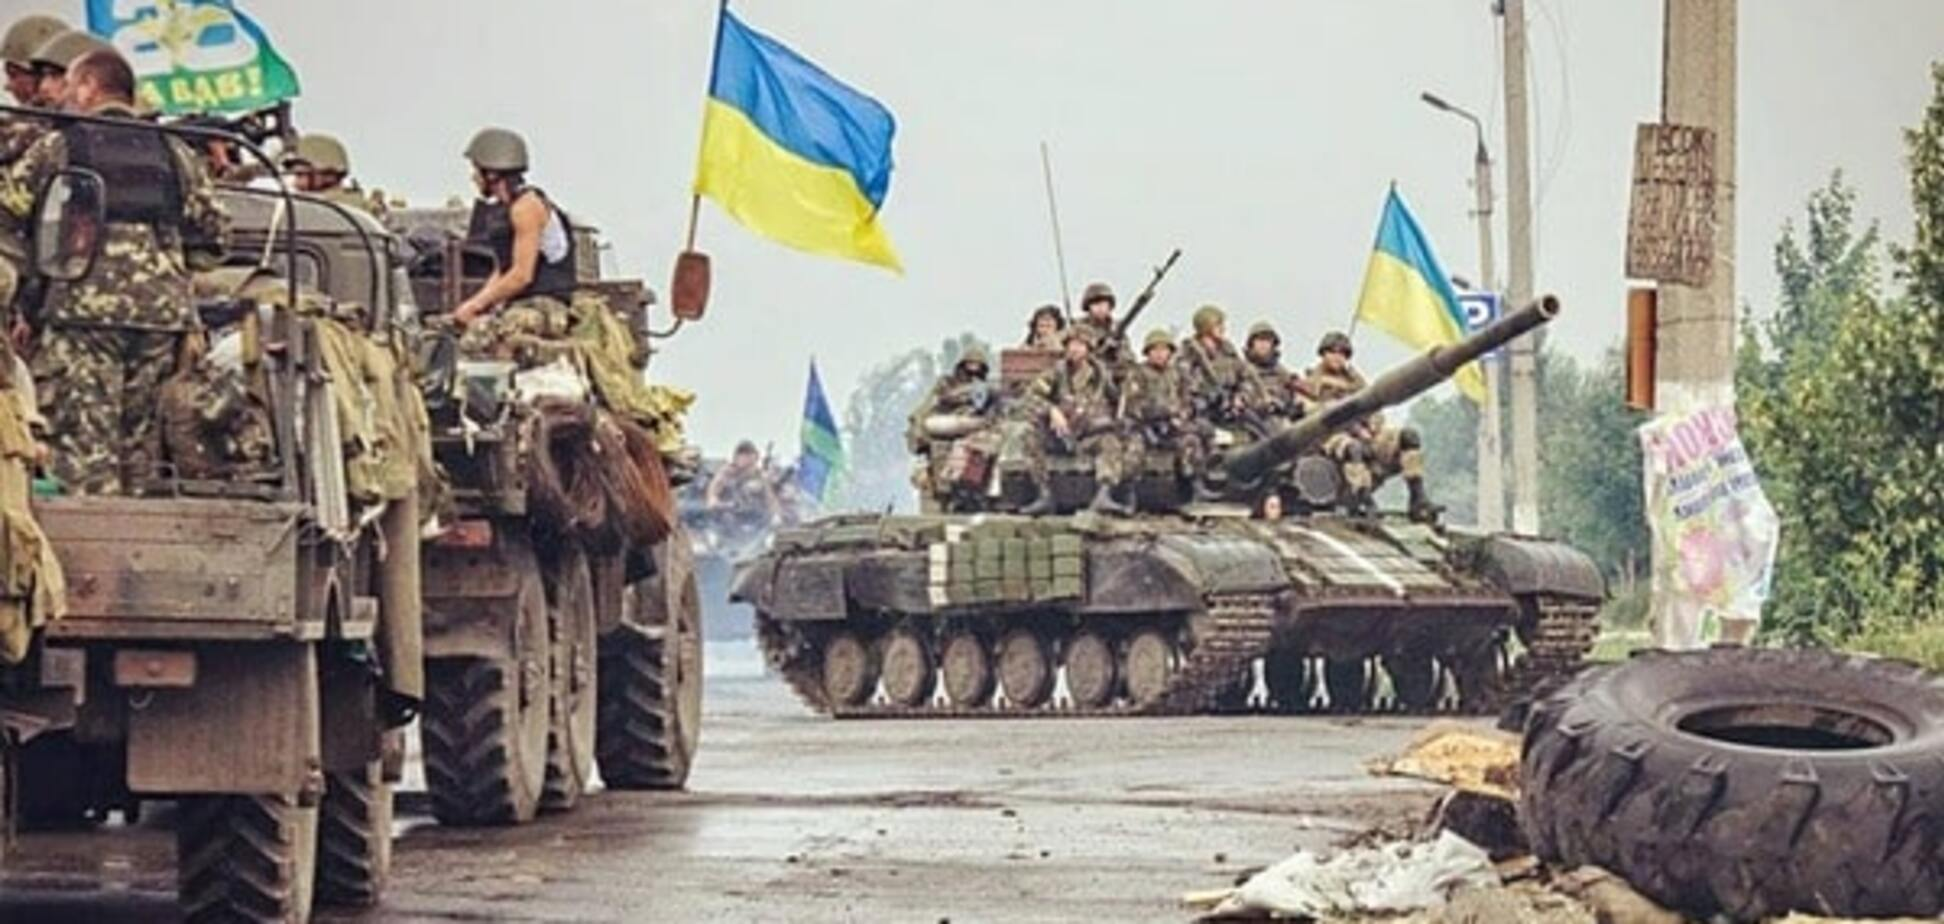 Путін під сильним тиском: Гаврилишин розповів про ознаки того, що війна на Донбасі може скоро закінчитися